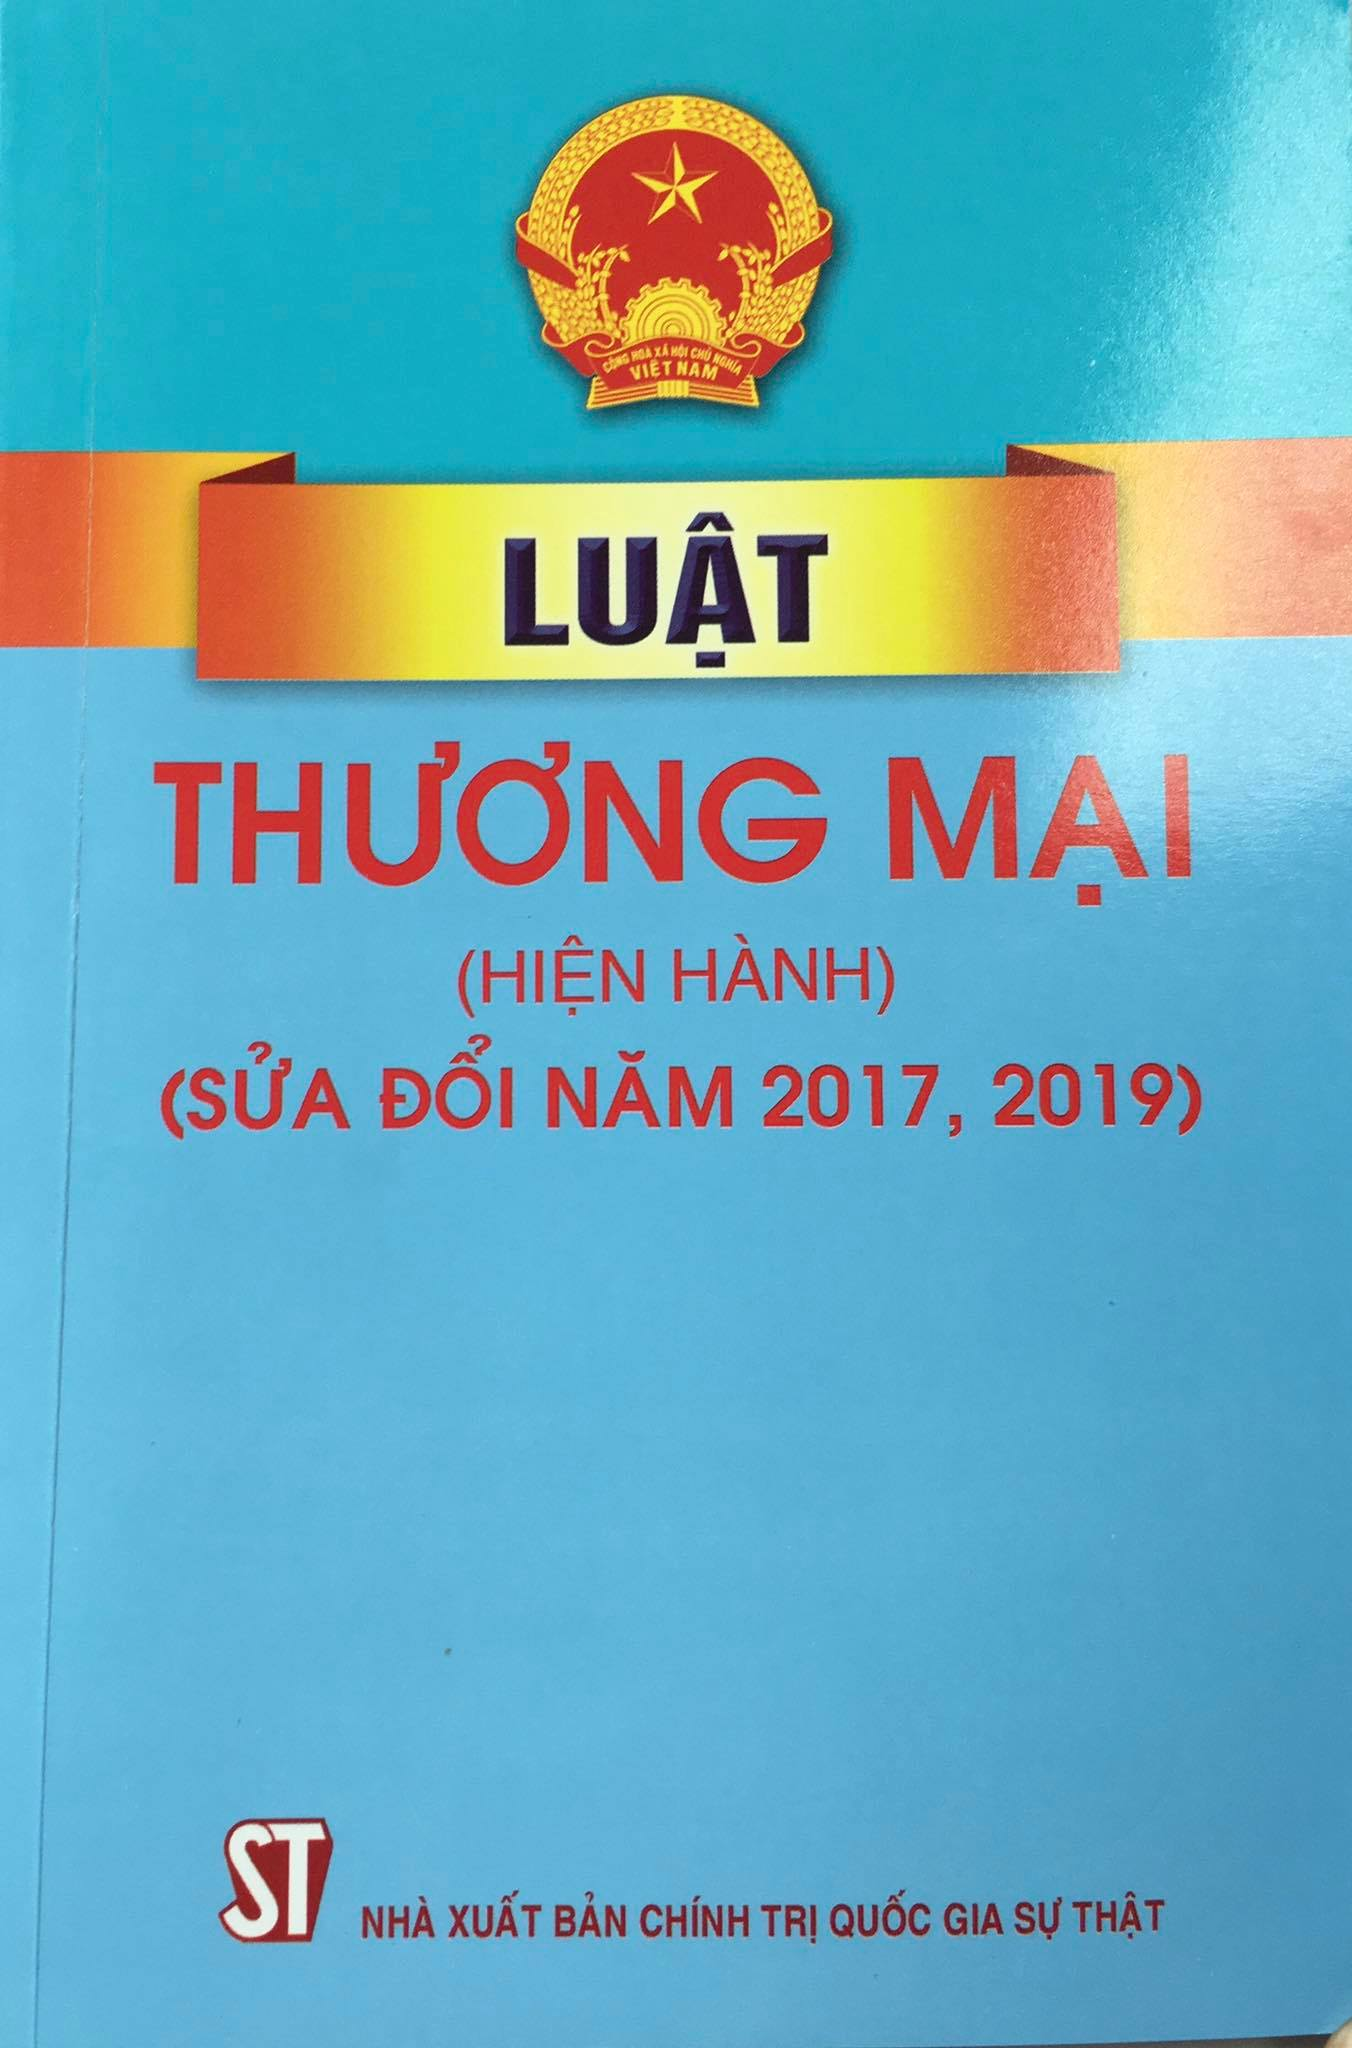 Luật Thương mại (hiện hành) (sửa đổi, bổ sung năm 2017, 2019)